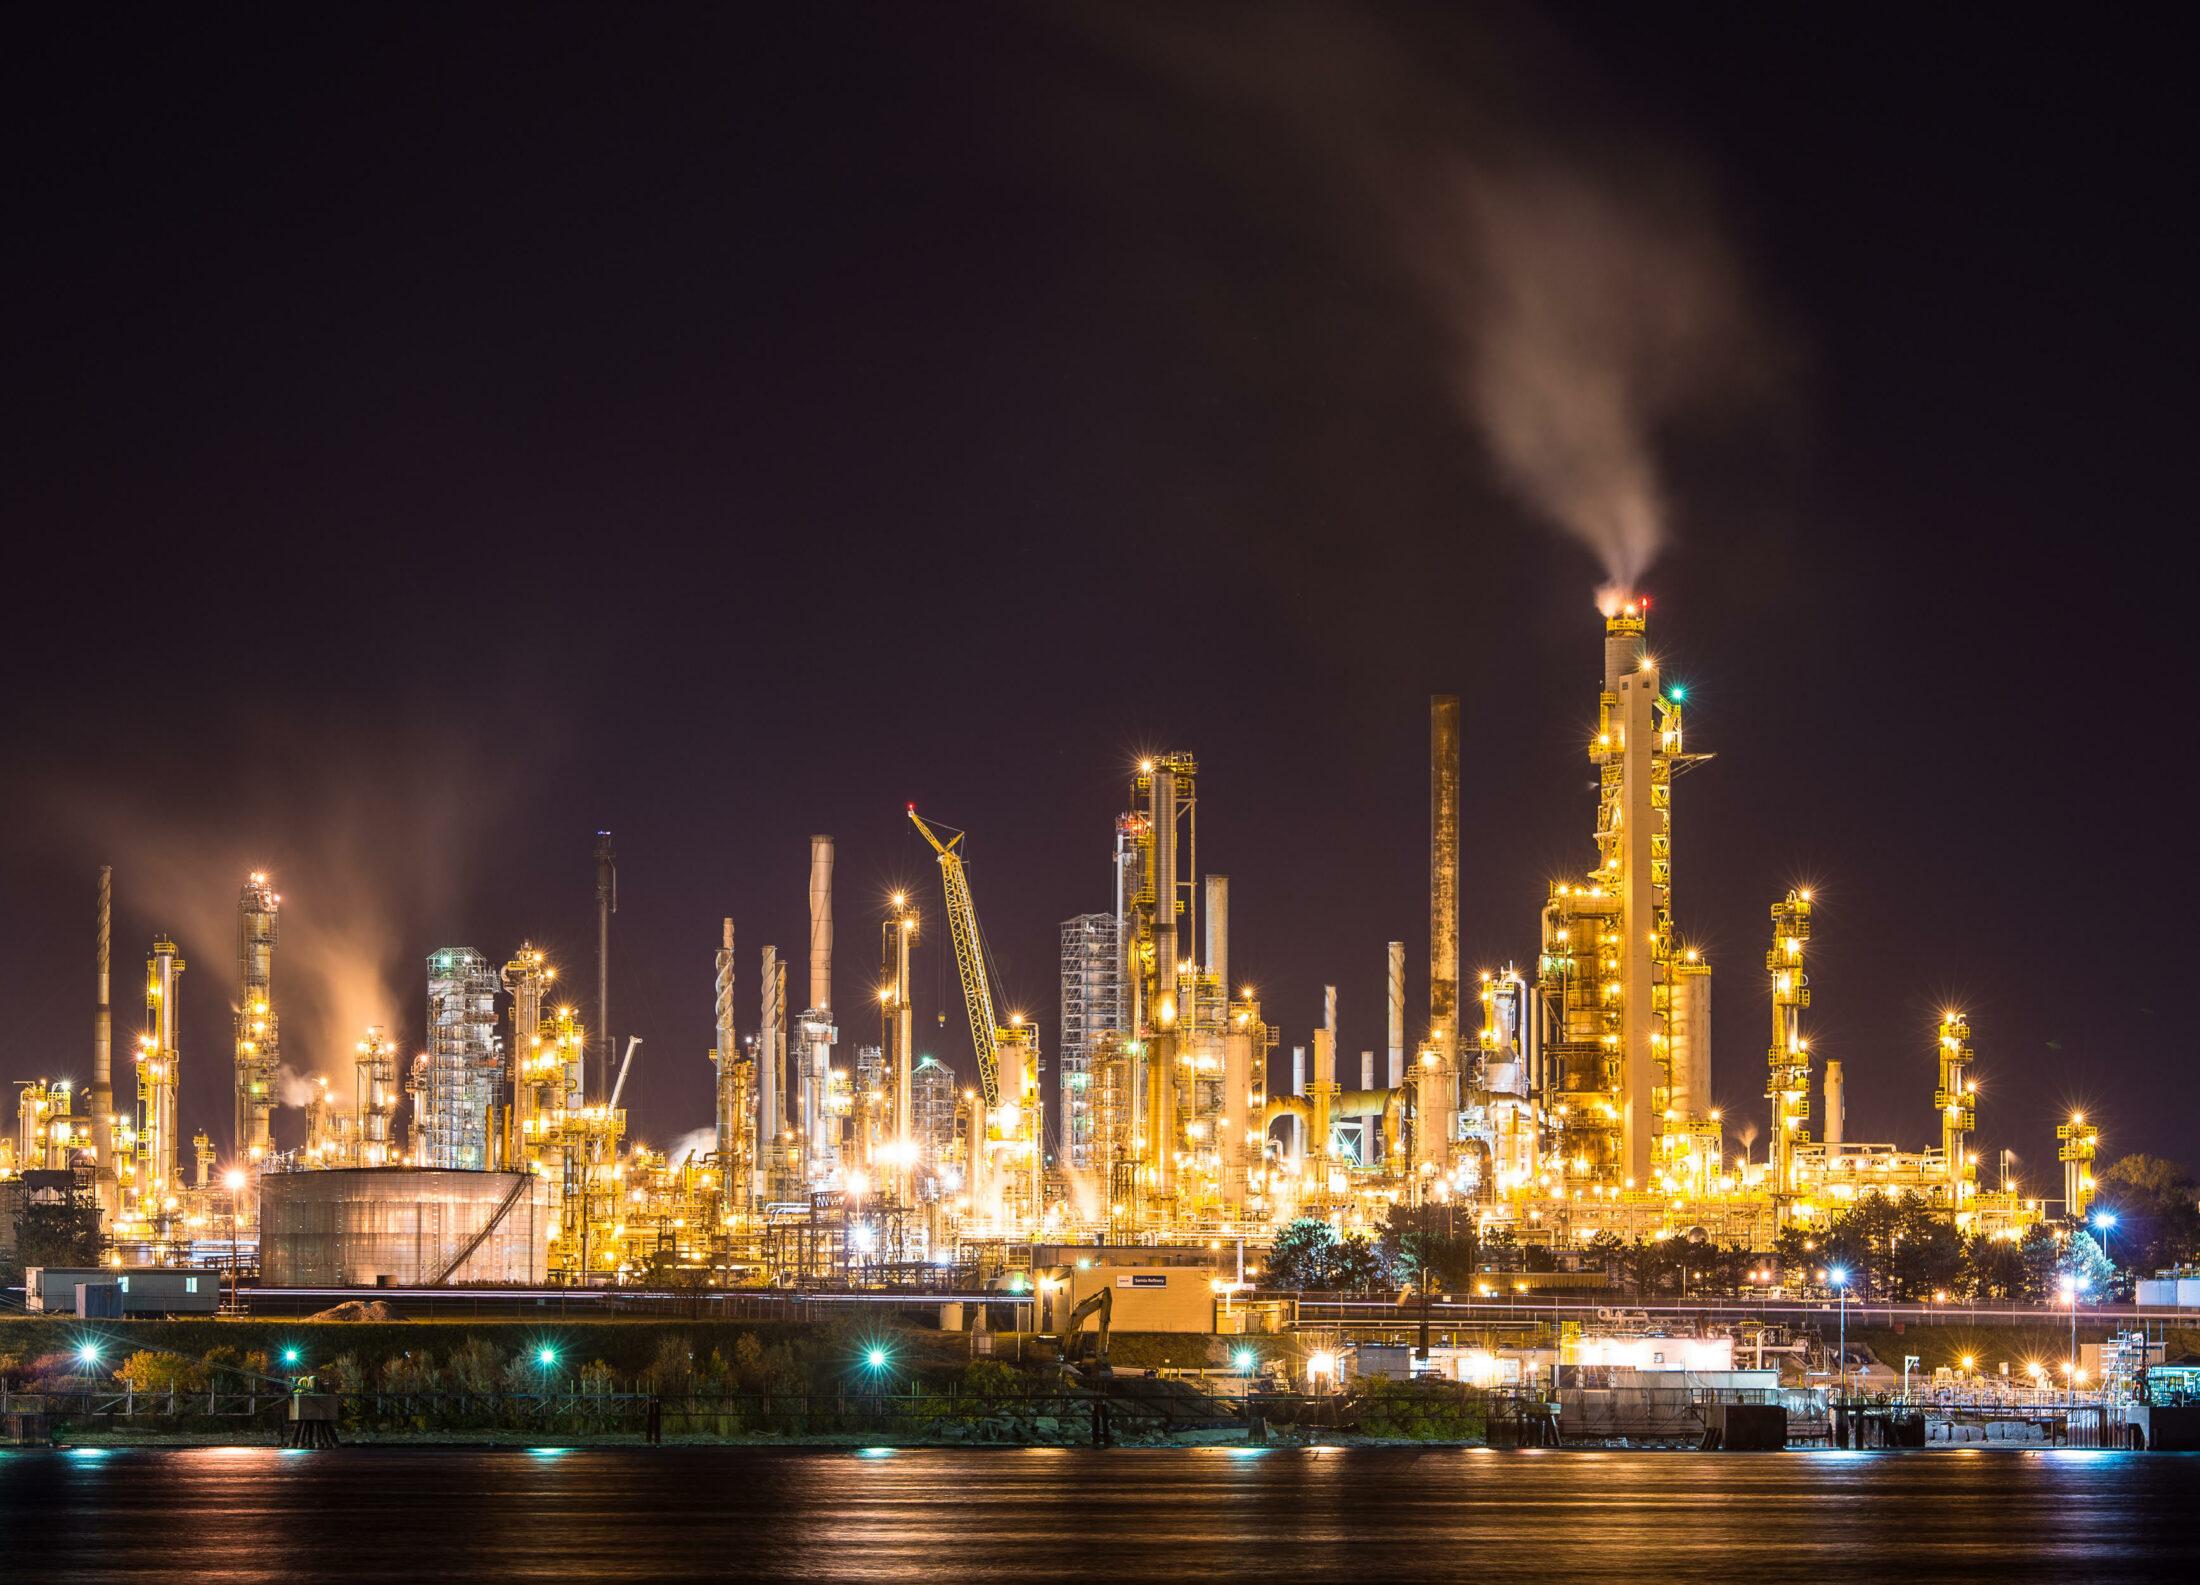 Sarnia, Ontario, refinery at night